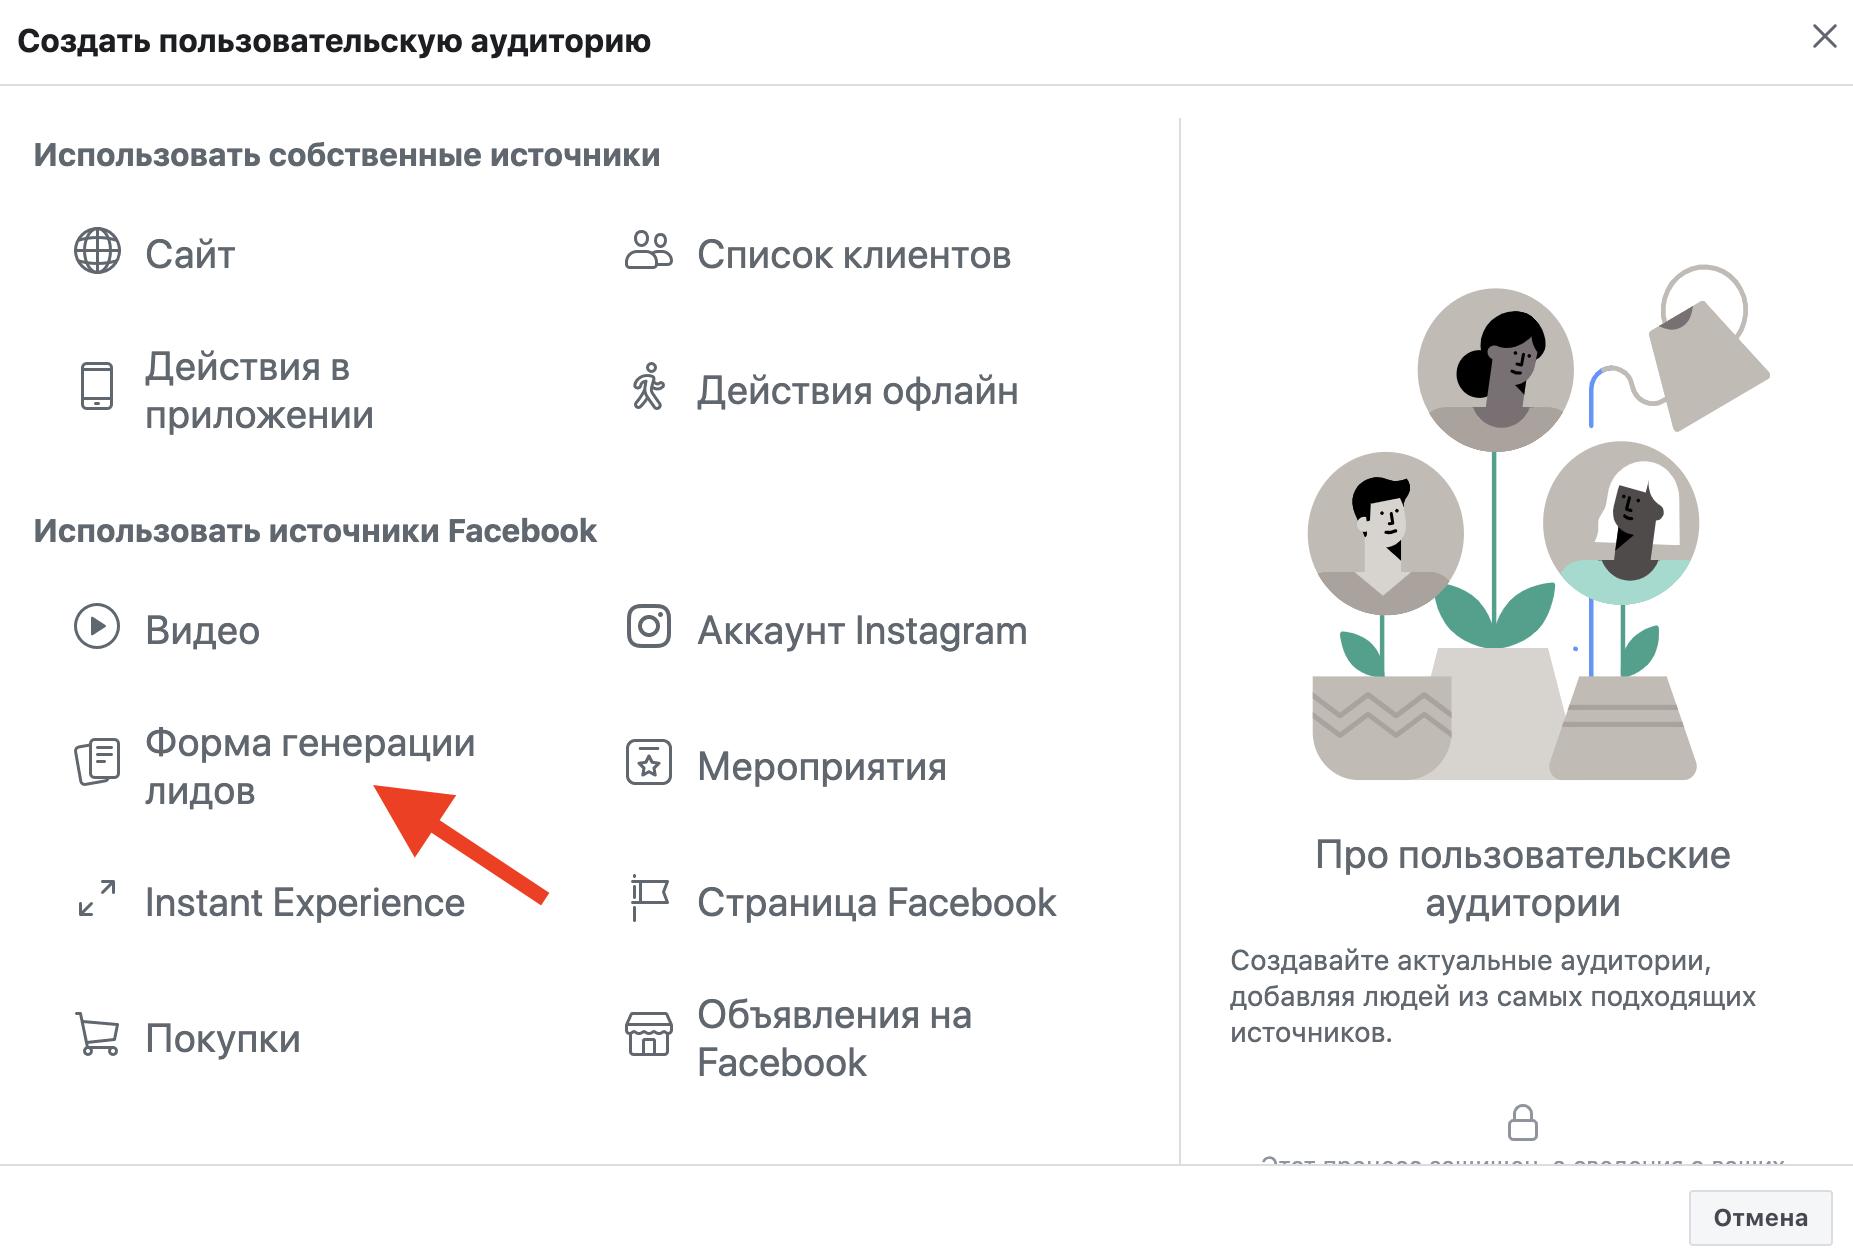 Создать пользовательскую аудиторию для формы для лидов